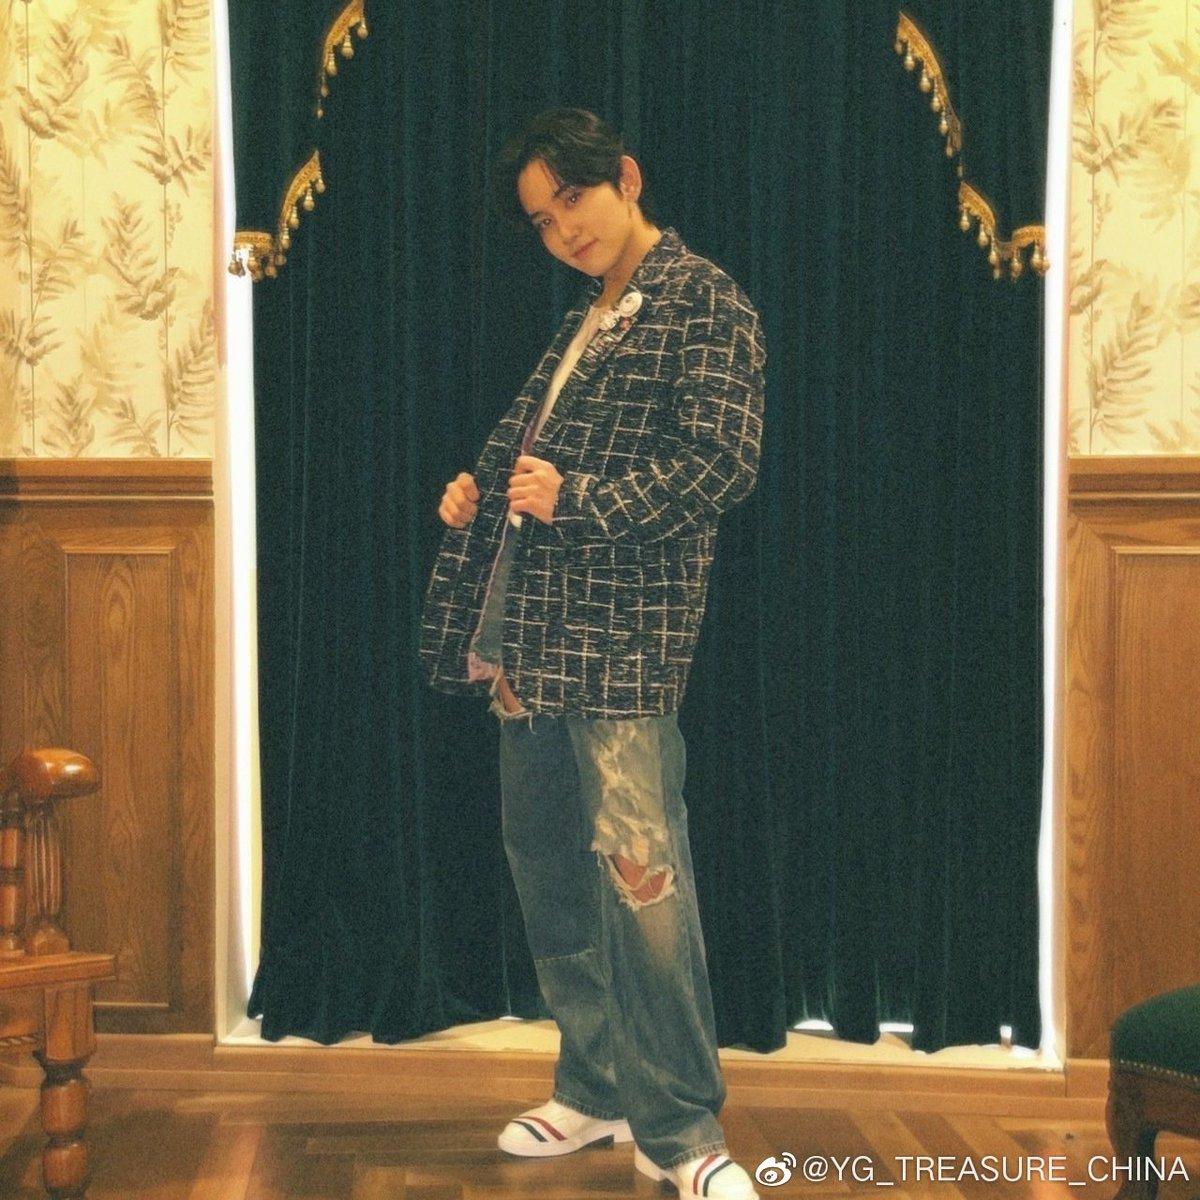 211018 YG_TREASURE_CHINA weibo update  各位今天也辛苦了! 剩下的一周也要加油✨ 晚安🍀  #高田真史帆 #MASHIHO #マシホ...